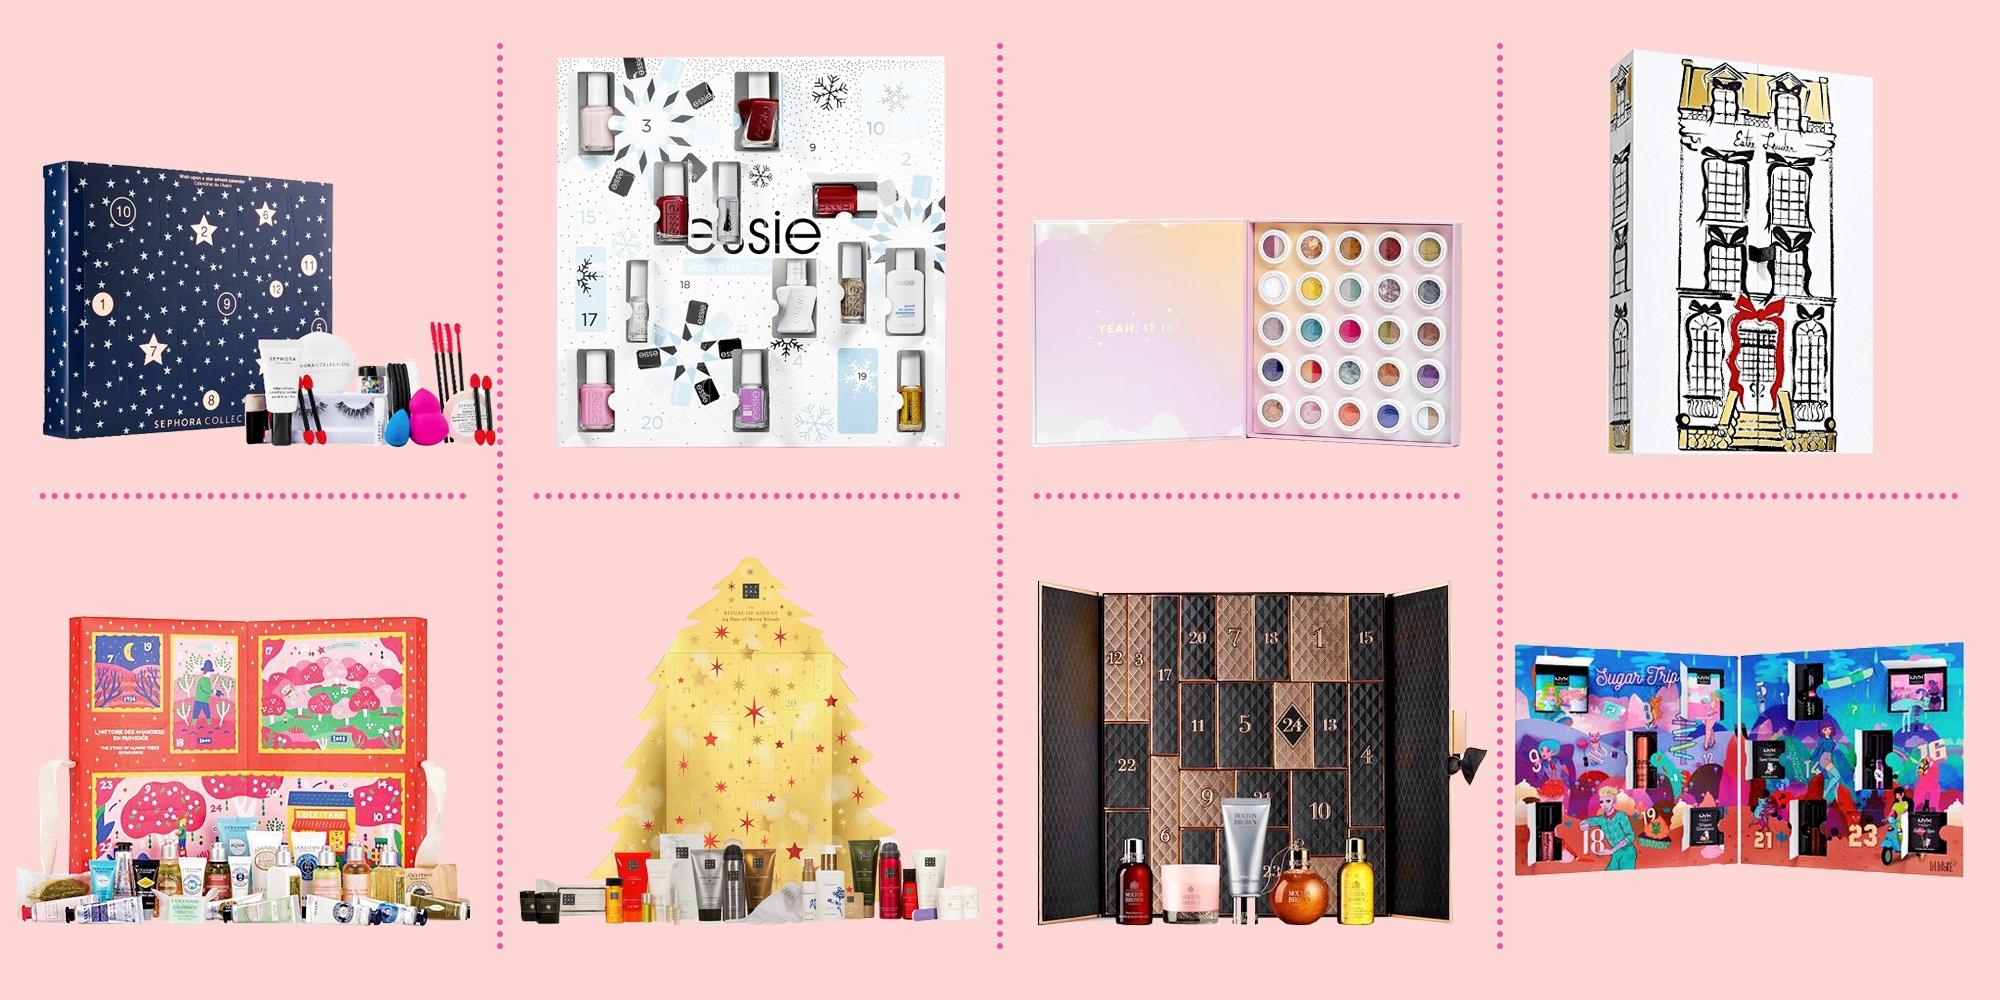 21 Best Beauty Advent Calendars 2020 - Top Makeup Advent